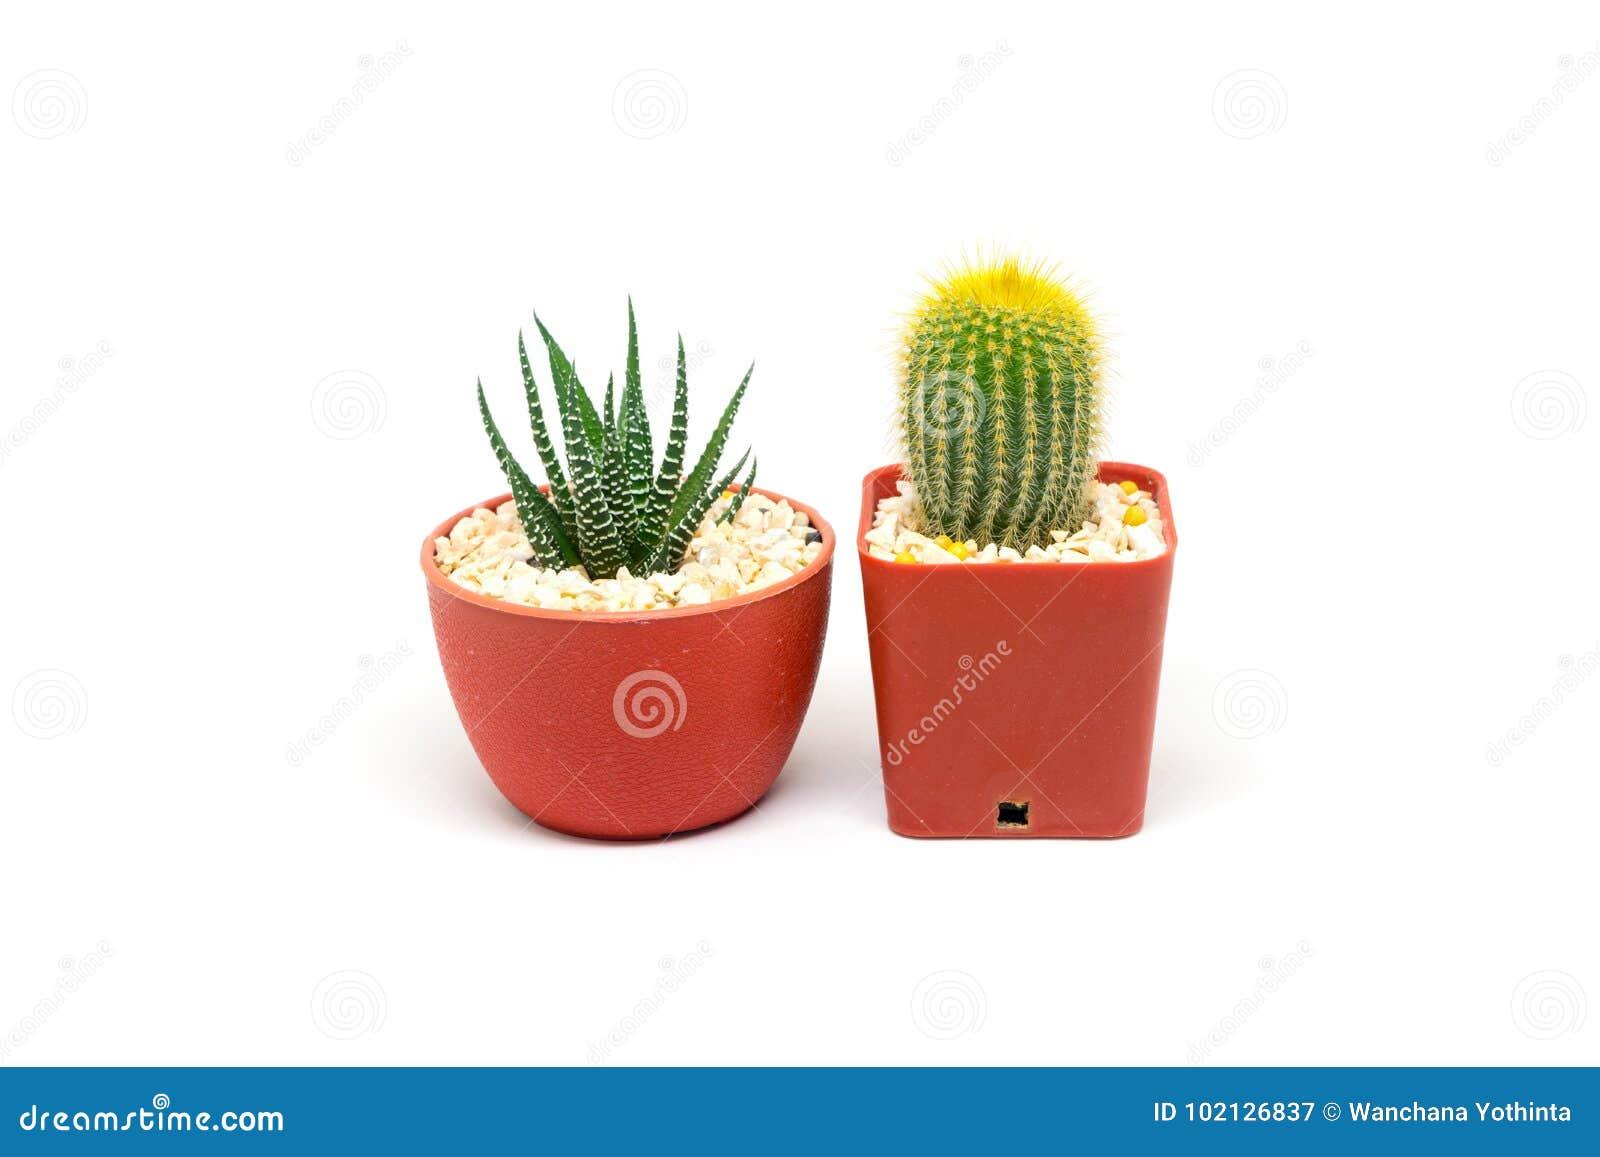 Cactus isolato su fondo bianco, leninghausii di Notocactus e